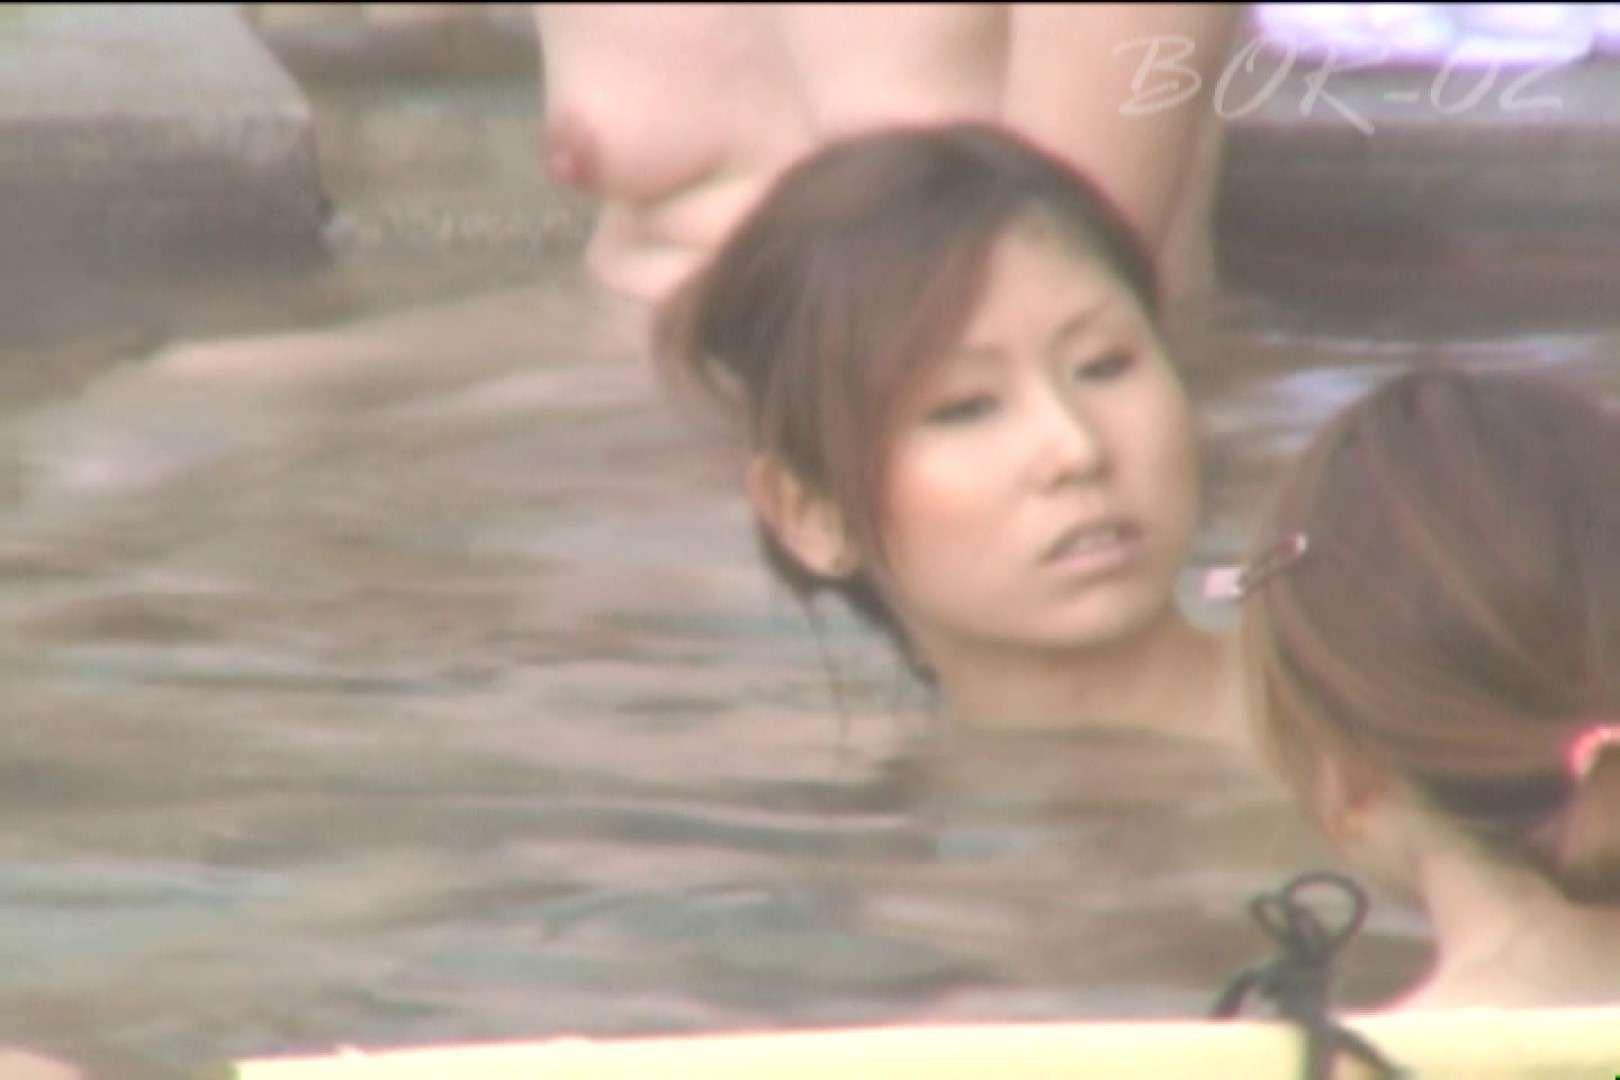 Aquaな露天風呂Vol.478 OL女体 隠し撮りオマンコ動画紹介 56連発 32